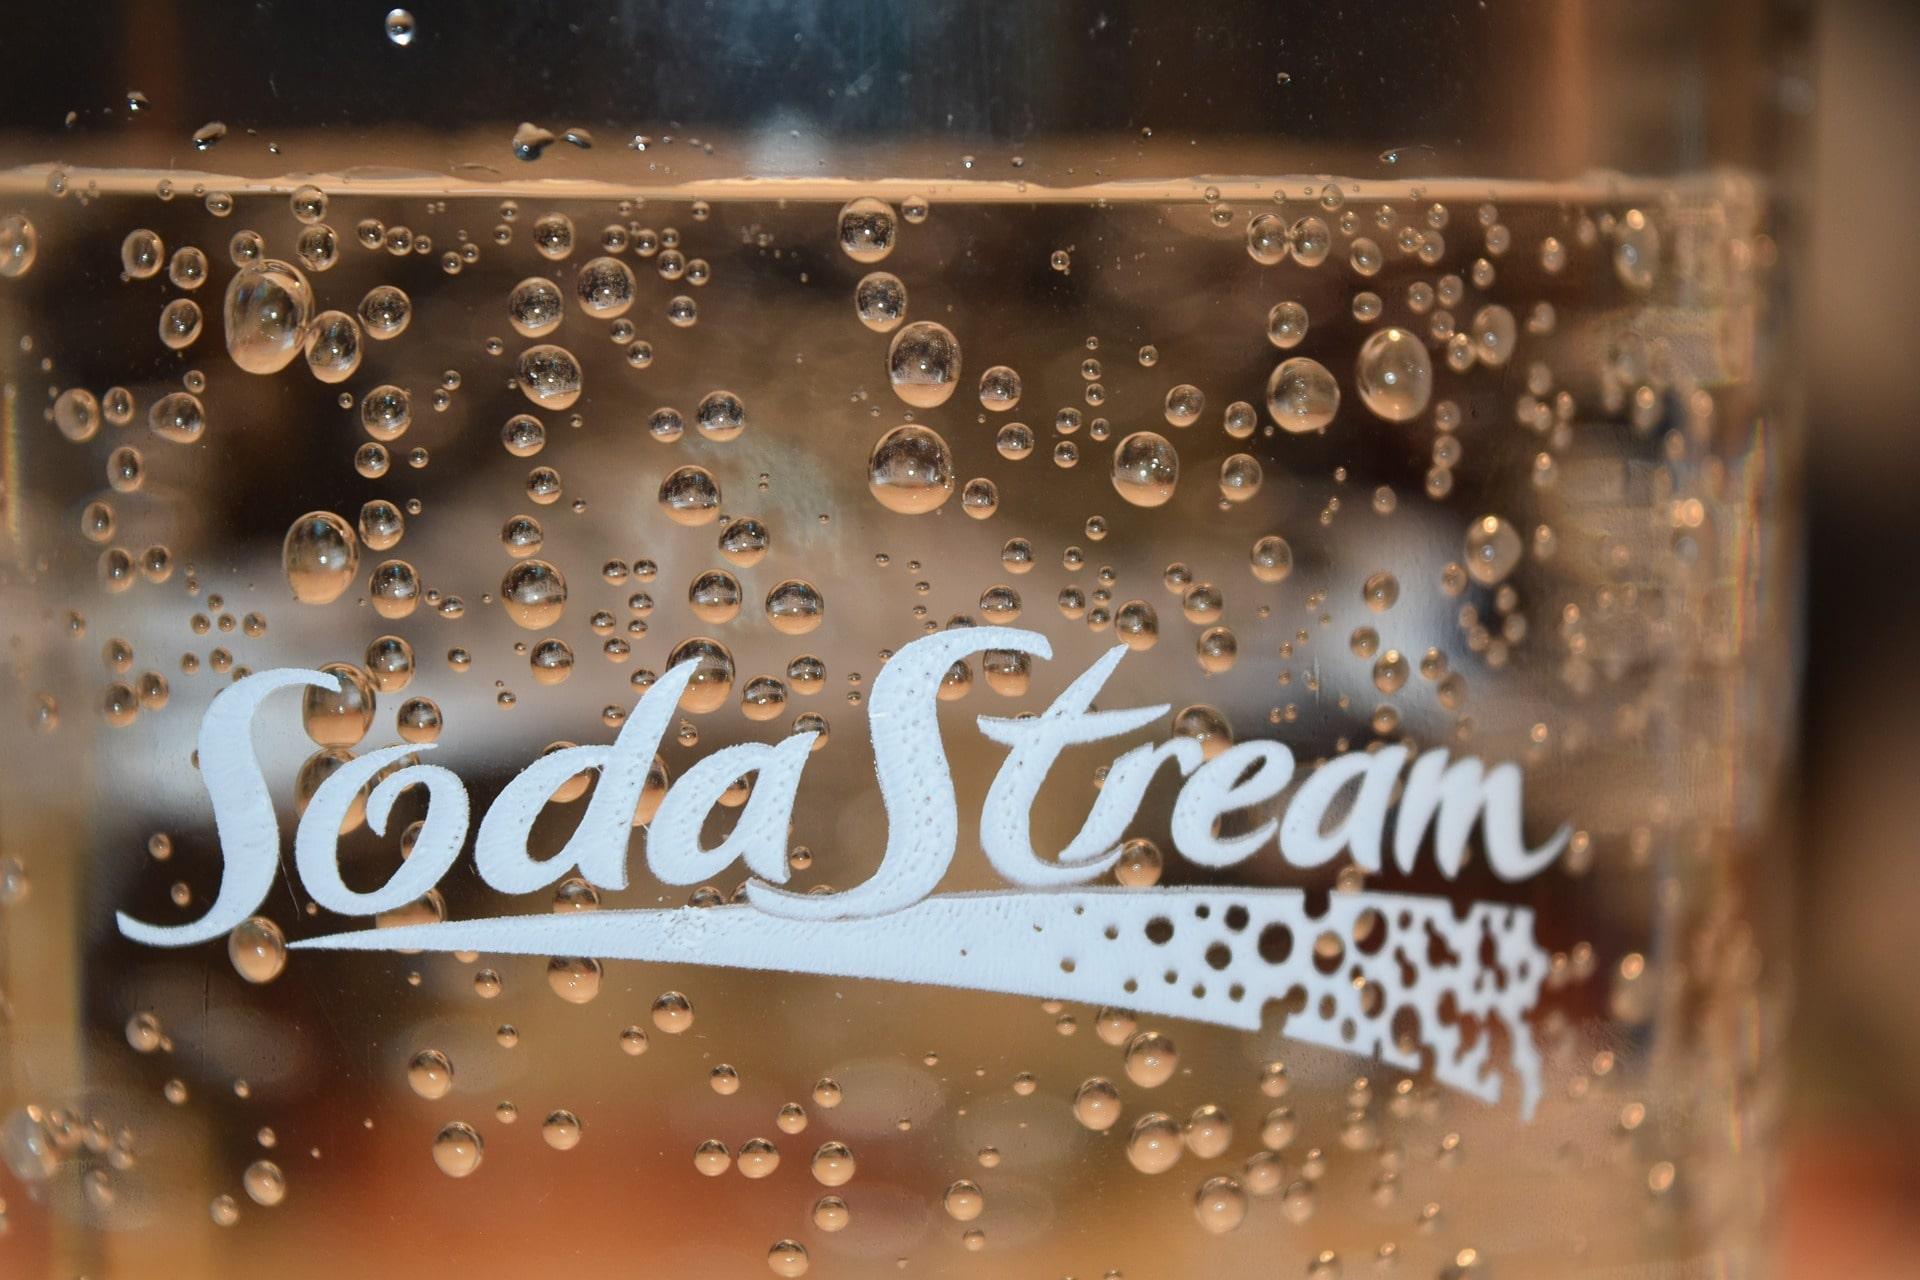 Sodastream sodavandsmaskine